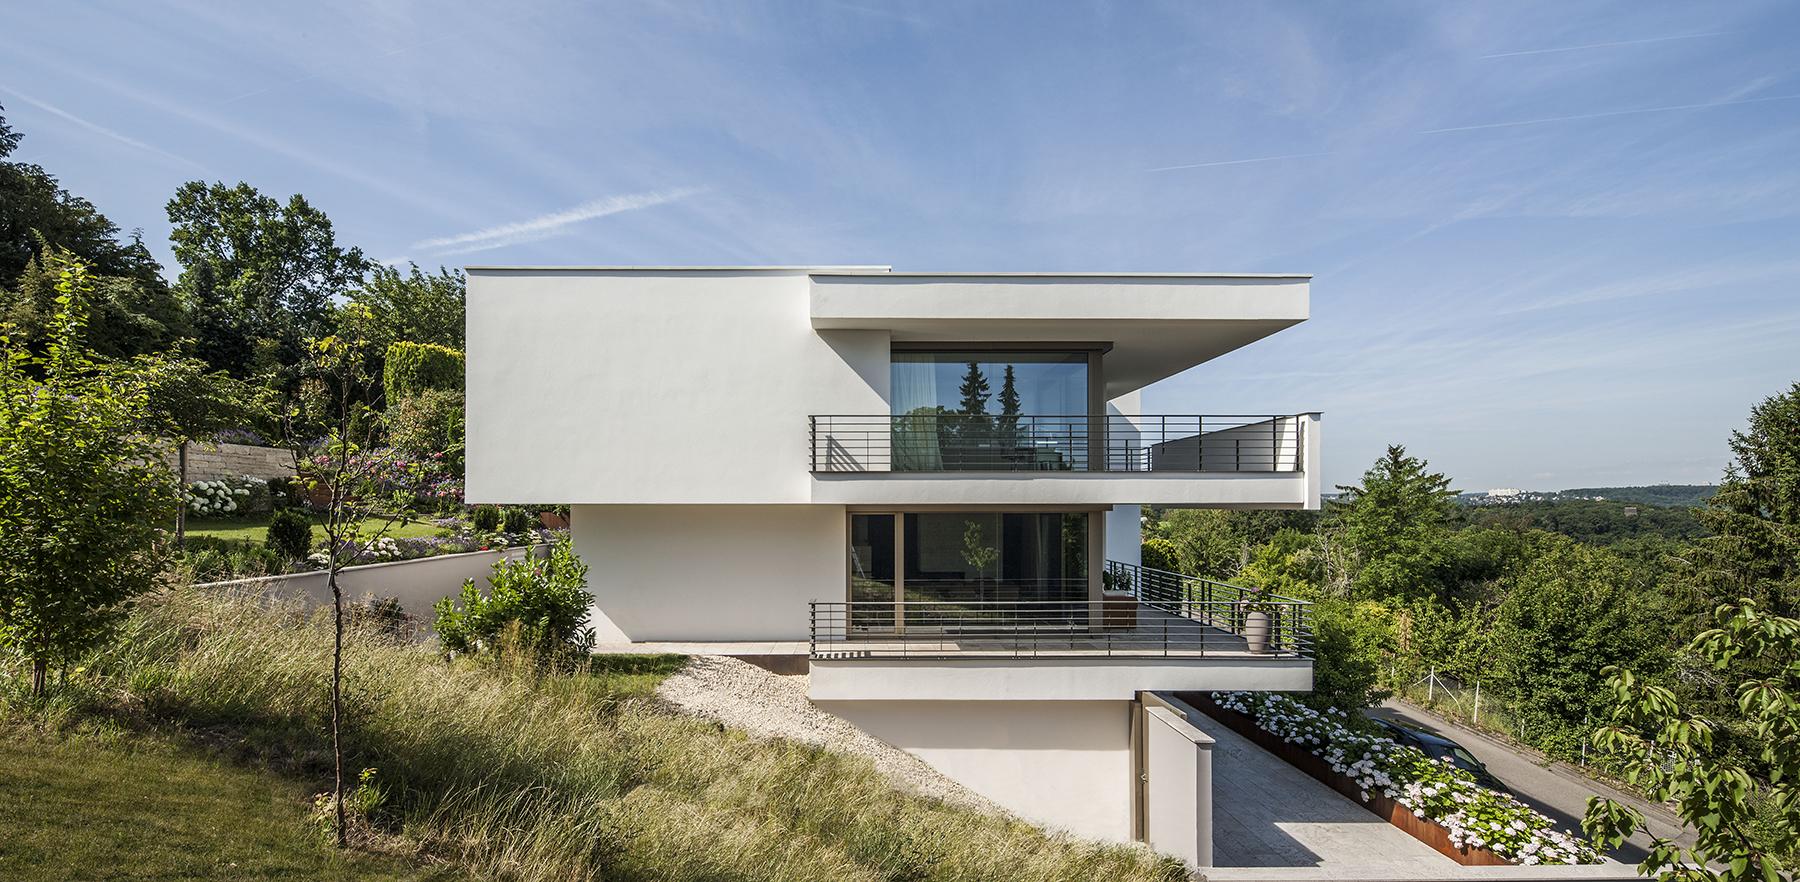 Projekt haus kb stuttgart architekten bda fuchs wacker for Gartengestaltung 70 qm